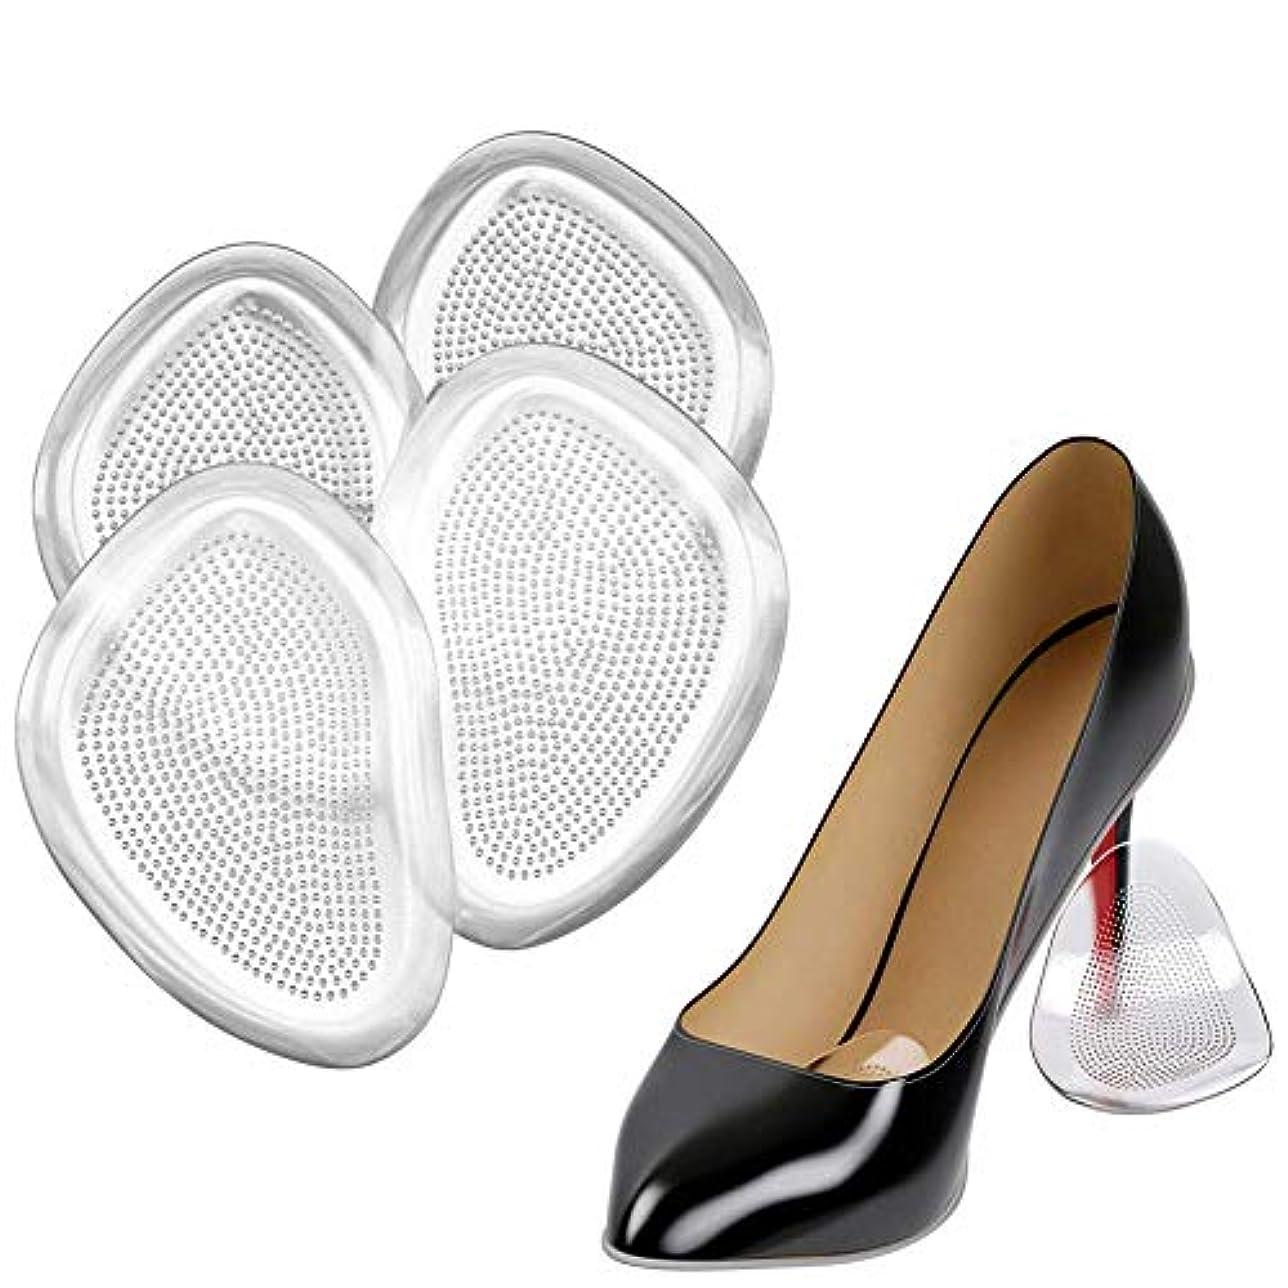 ジェルフォアフットフットクッションシューズインソール中足パッド女性の足用シューズインサート痛みを軽減、2ペア